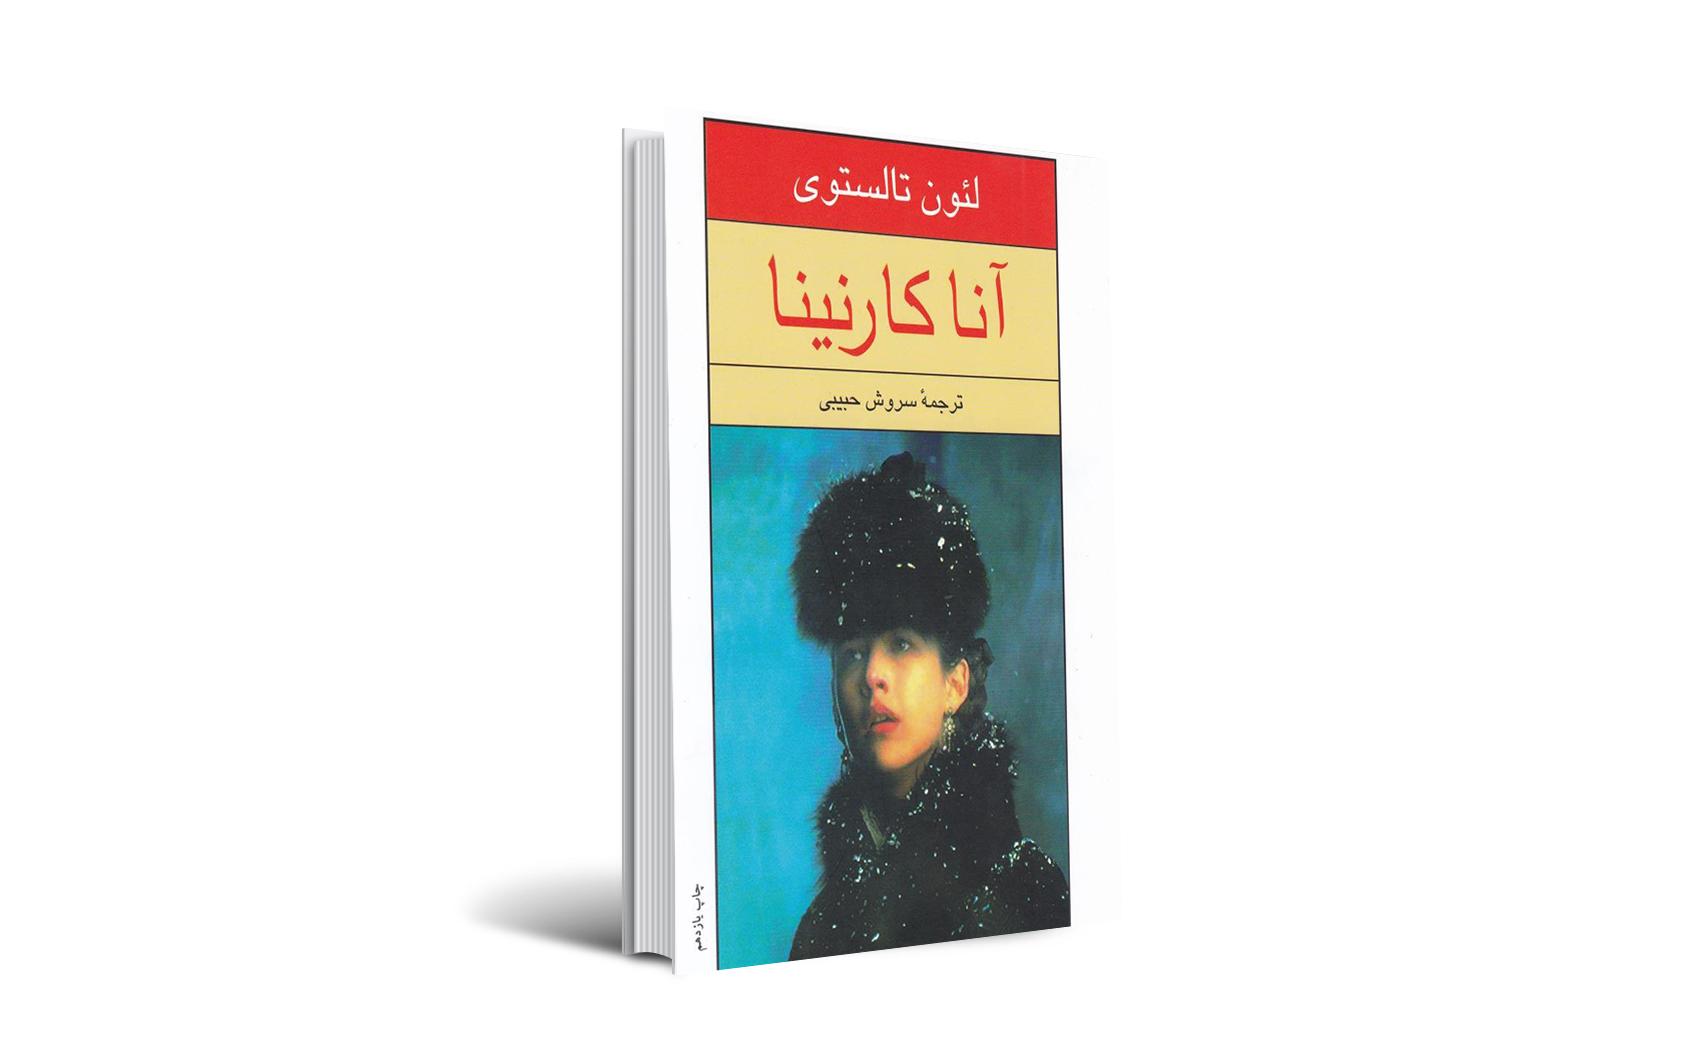 کتاب آنا کارنینا